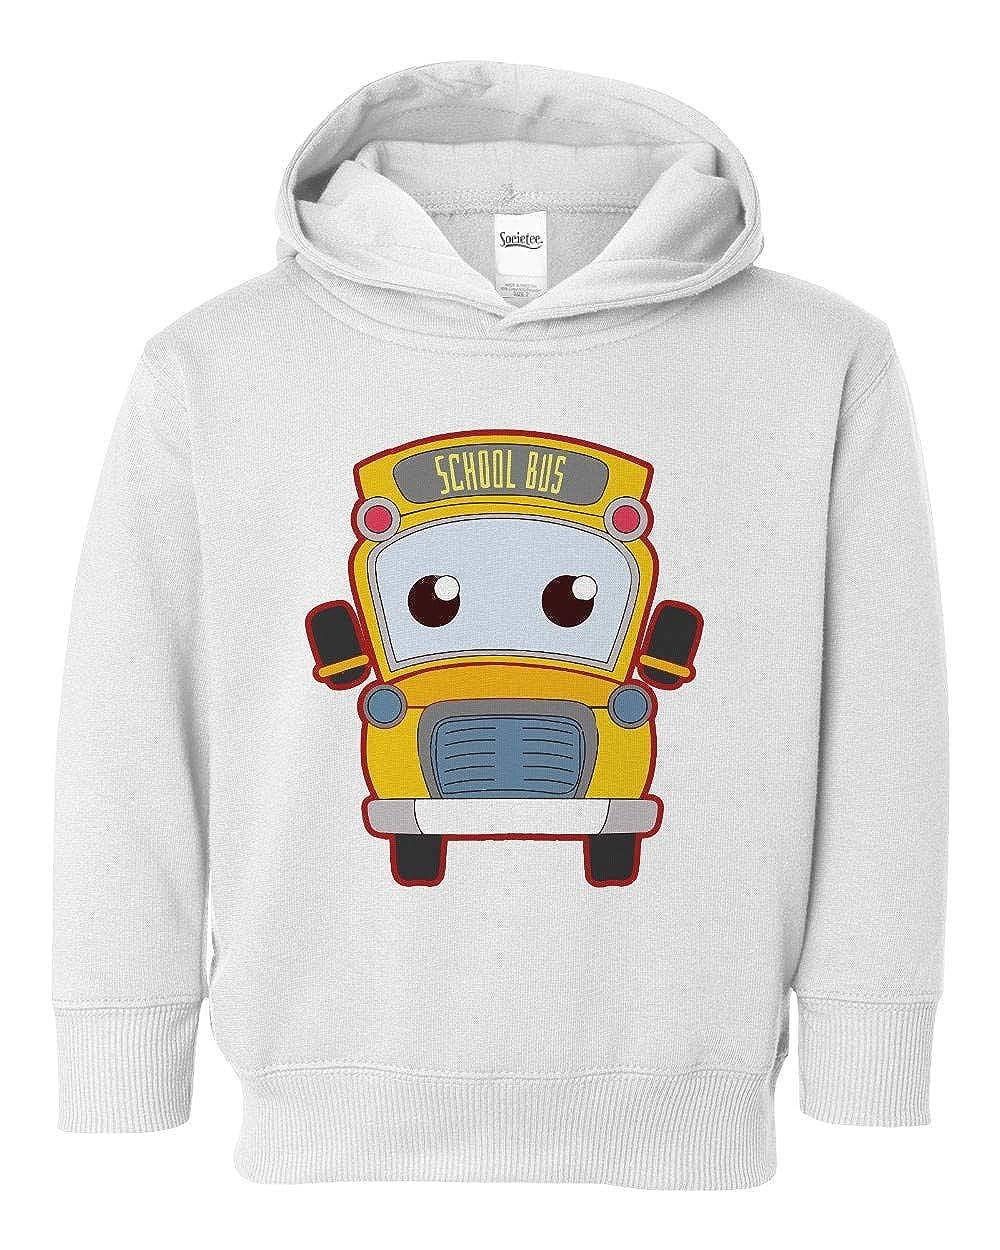 Societee Golden School Bus Girls Boys Toddler Hooded Sweatshirt